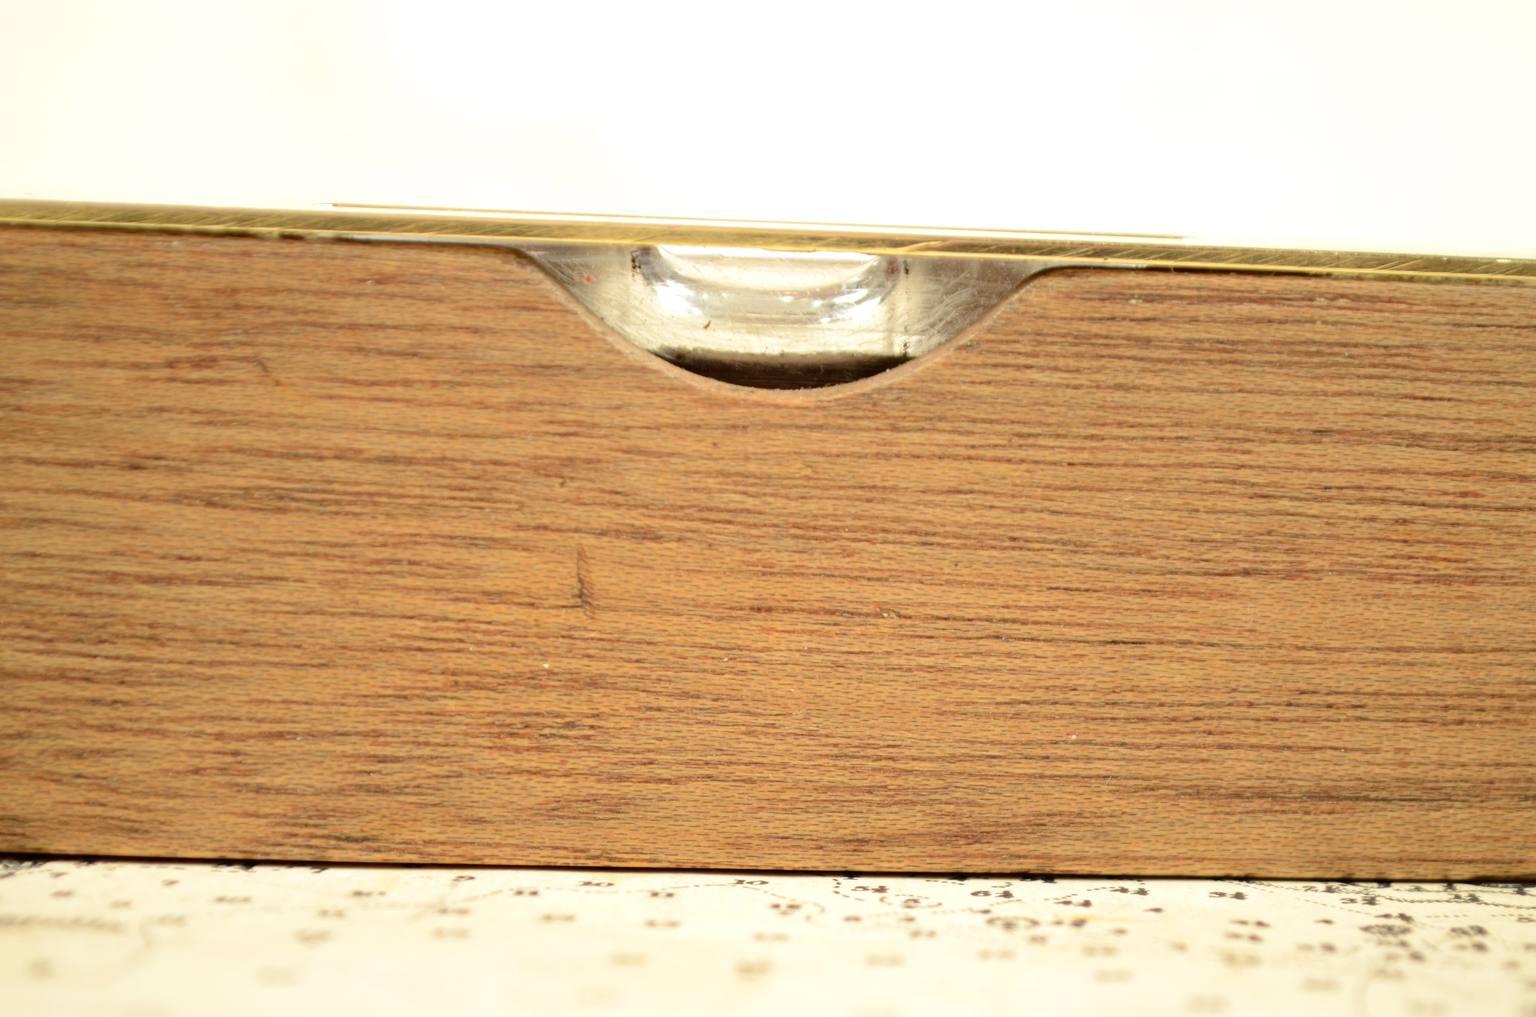 Strumenti di misura antichi/6006-Livella ad acqua antica